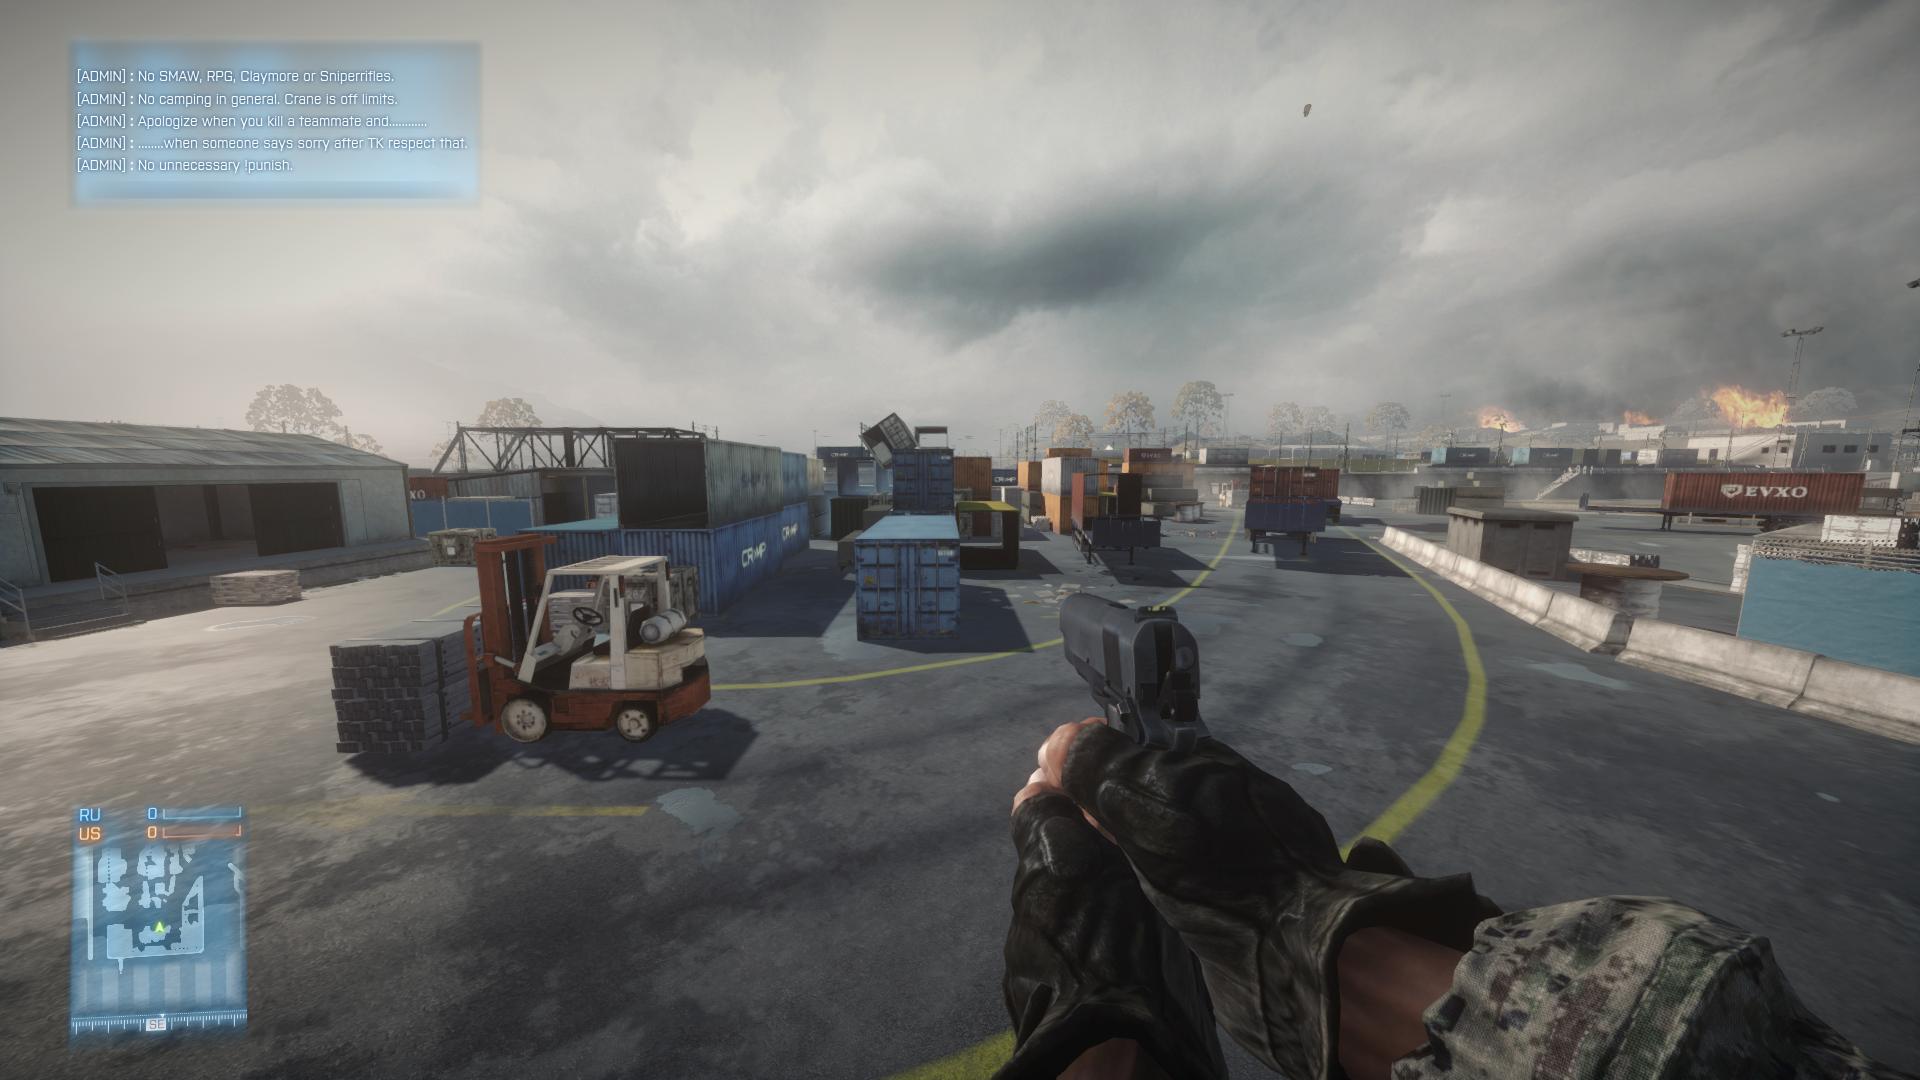 Battlefield 3. Первый скриншот сделан в феврале 2012 г, второй – в июне 2013, настройки одинаковые. - Изображение 1